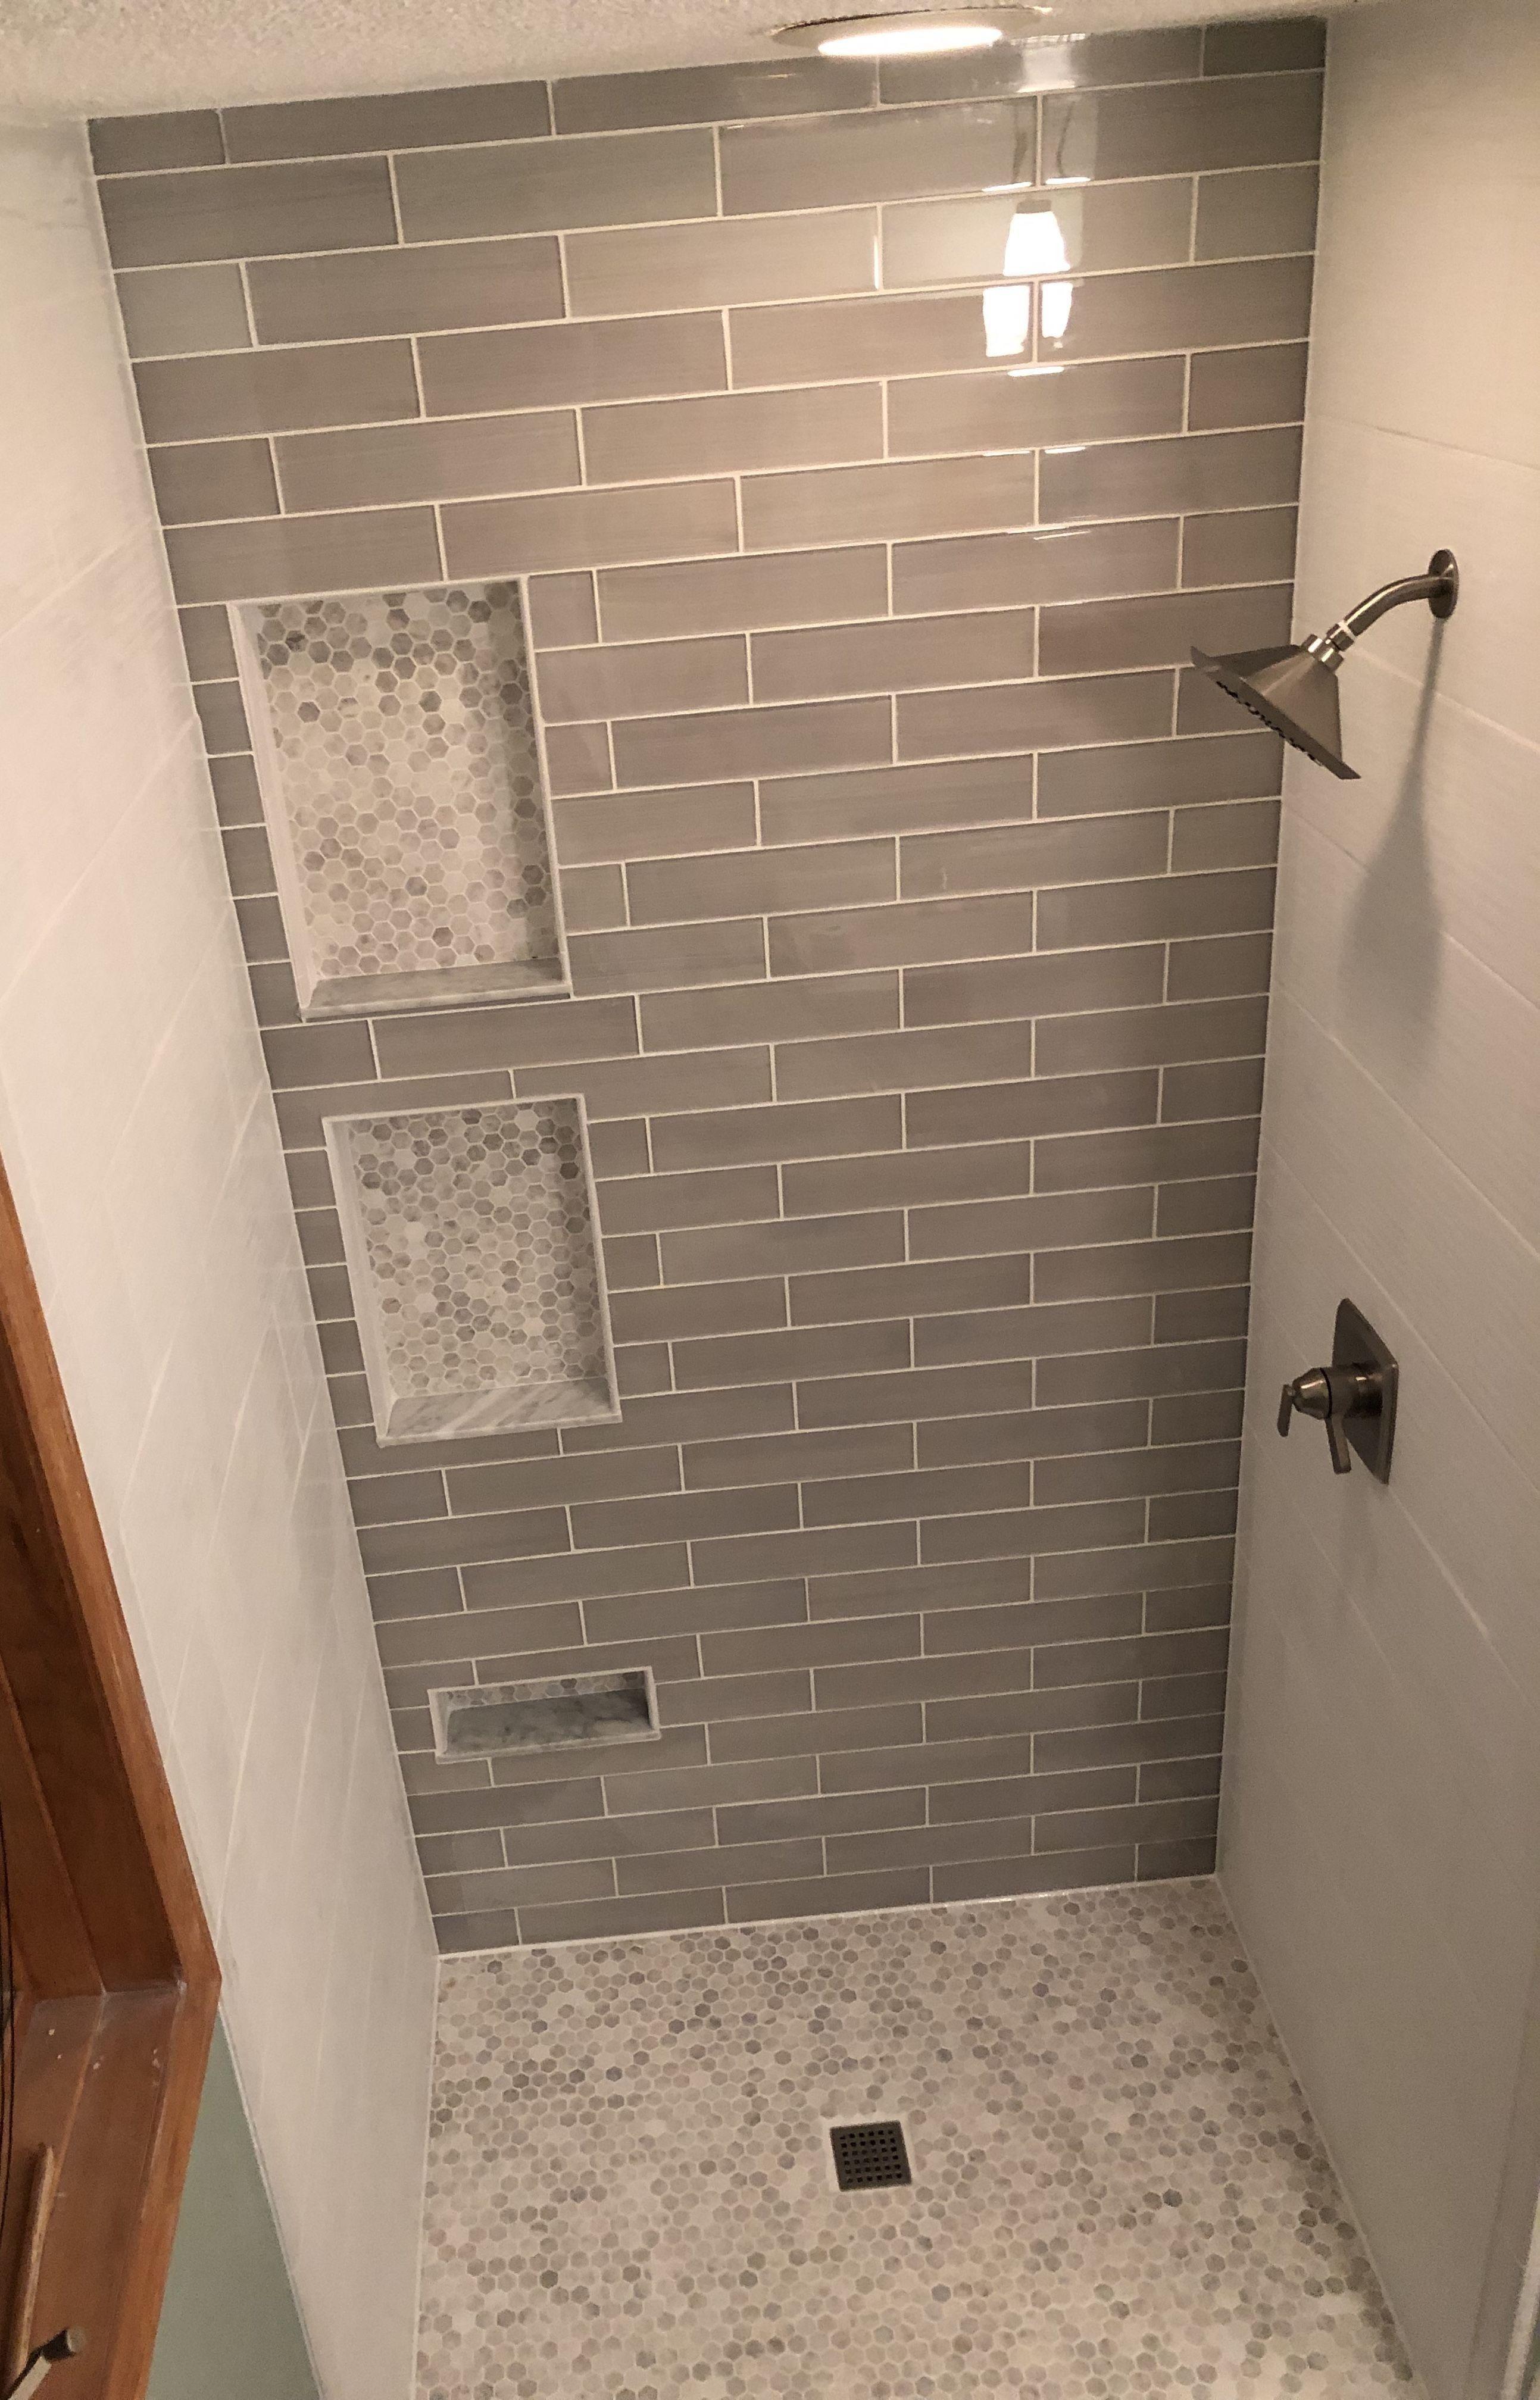 45 Elegant White Hexagon Bathroom Tile Design Ideas Bathroom Tile Designs Bathrooms Remodel Small Bathroom Remodel